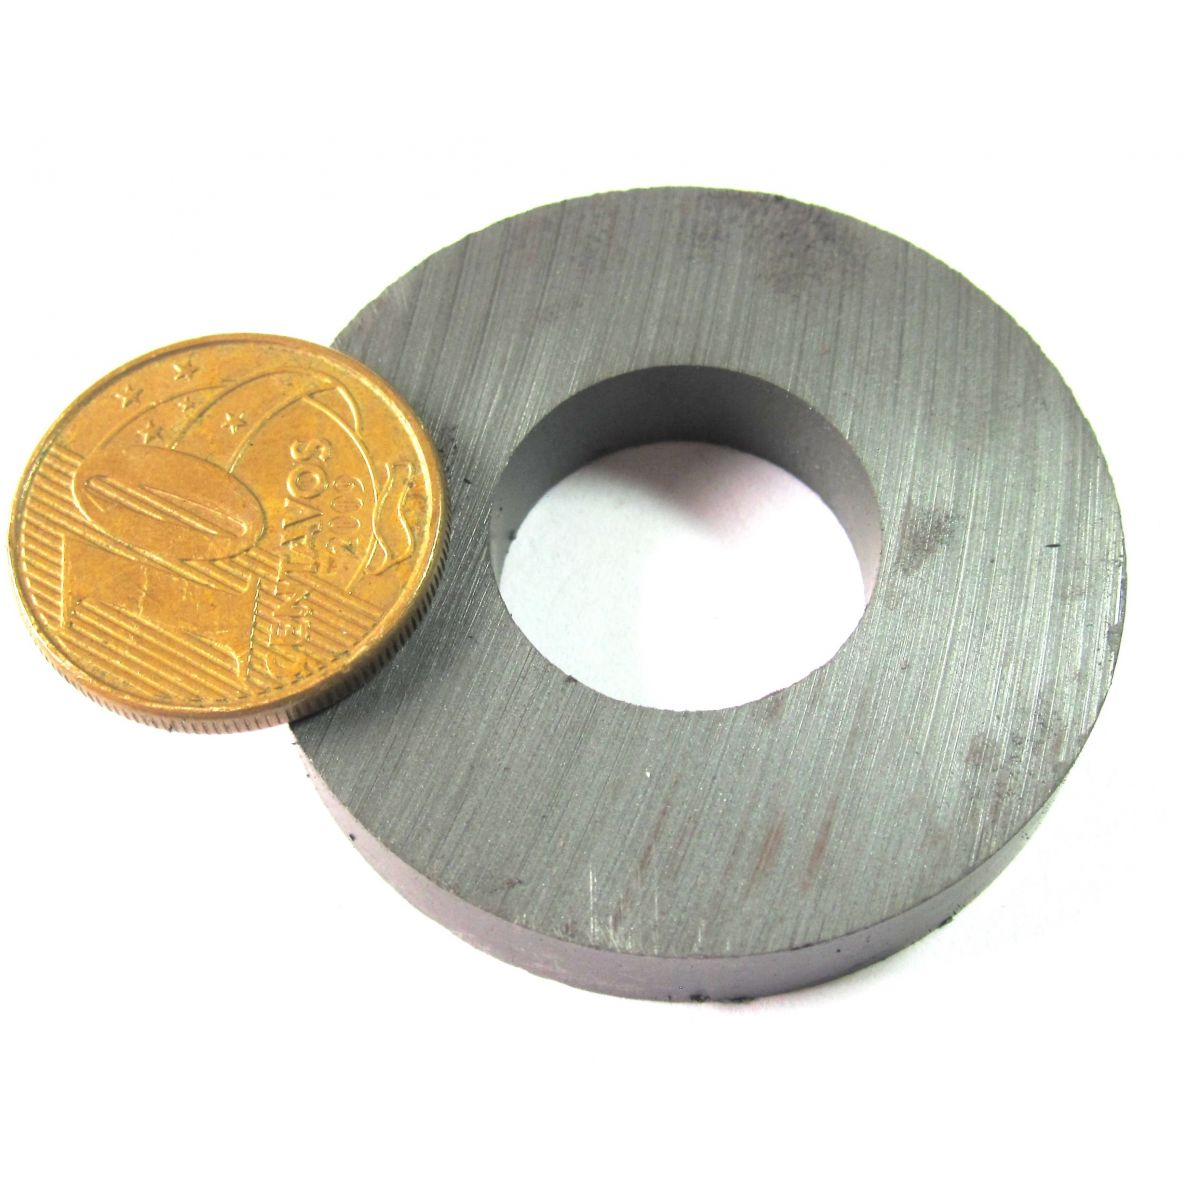 Imã de Ferrite Anel (cerâmica) Y30 40x18x7 mm